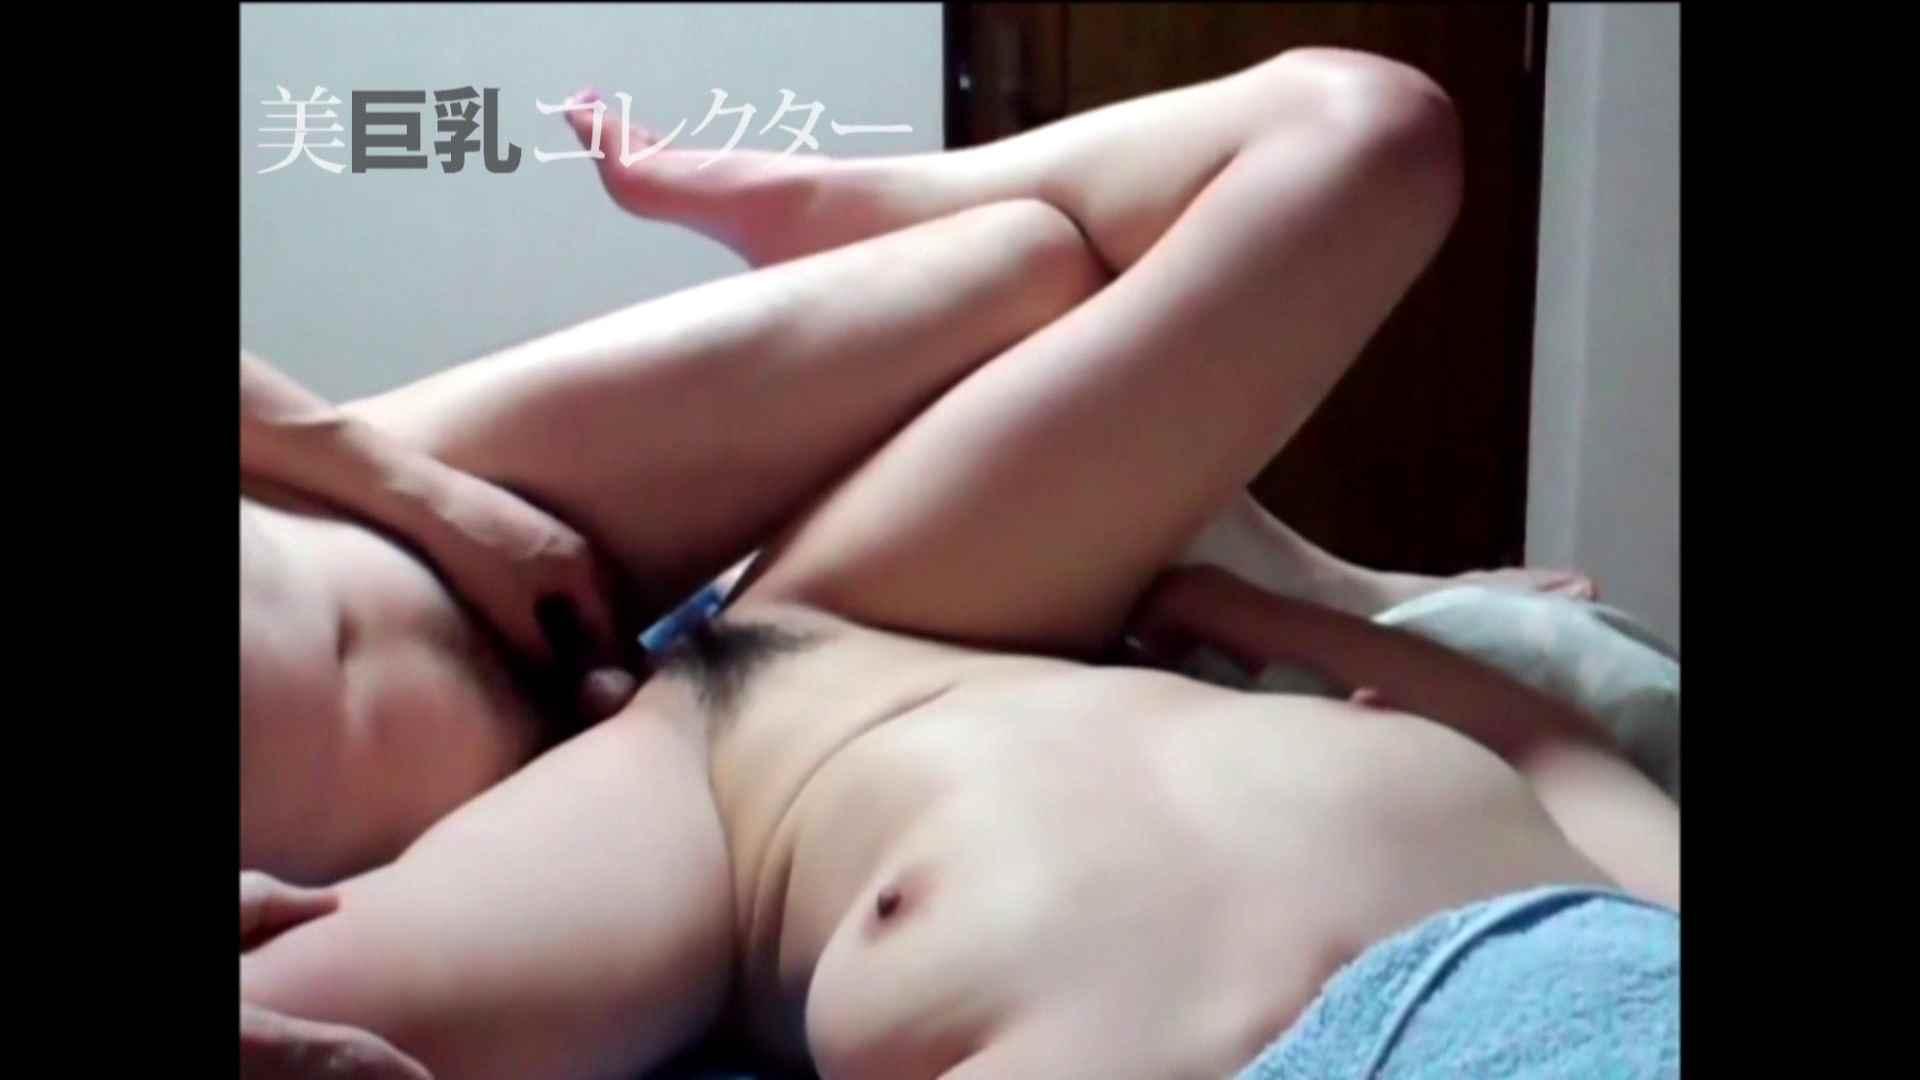 泥酔スレンダー巨乳美女 巨乳   美女のボディ  69PIX 69